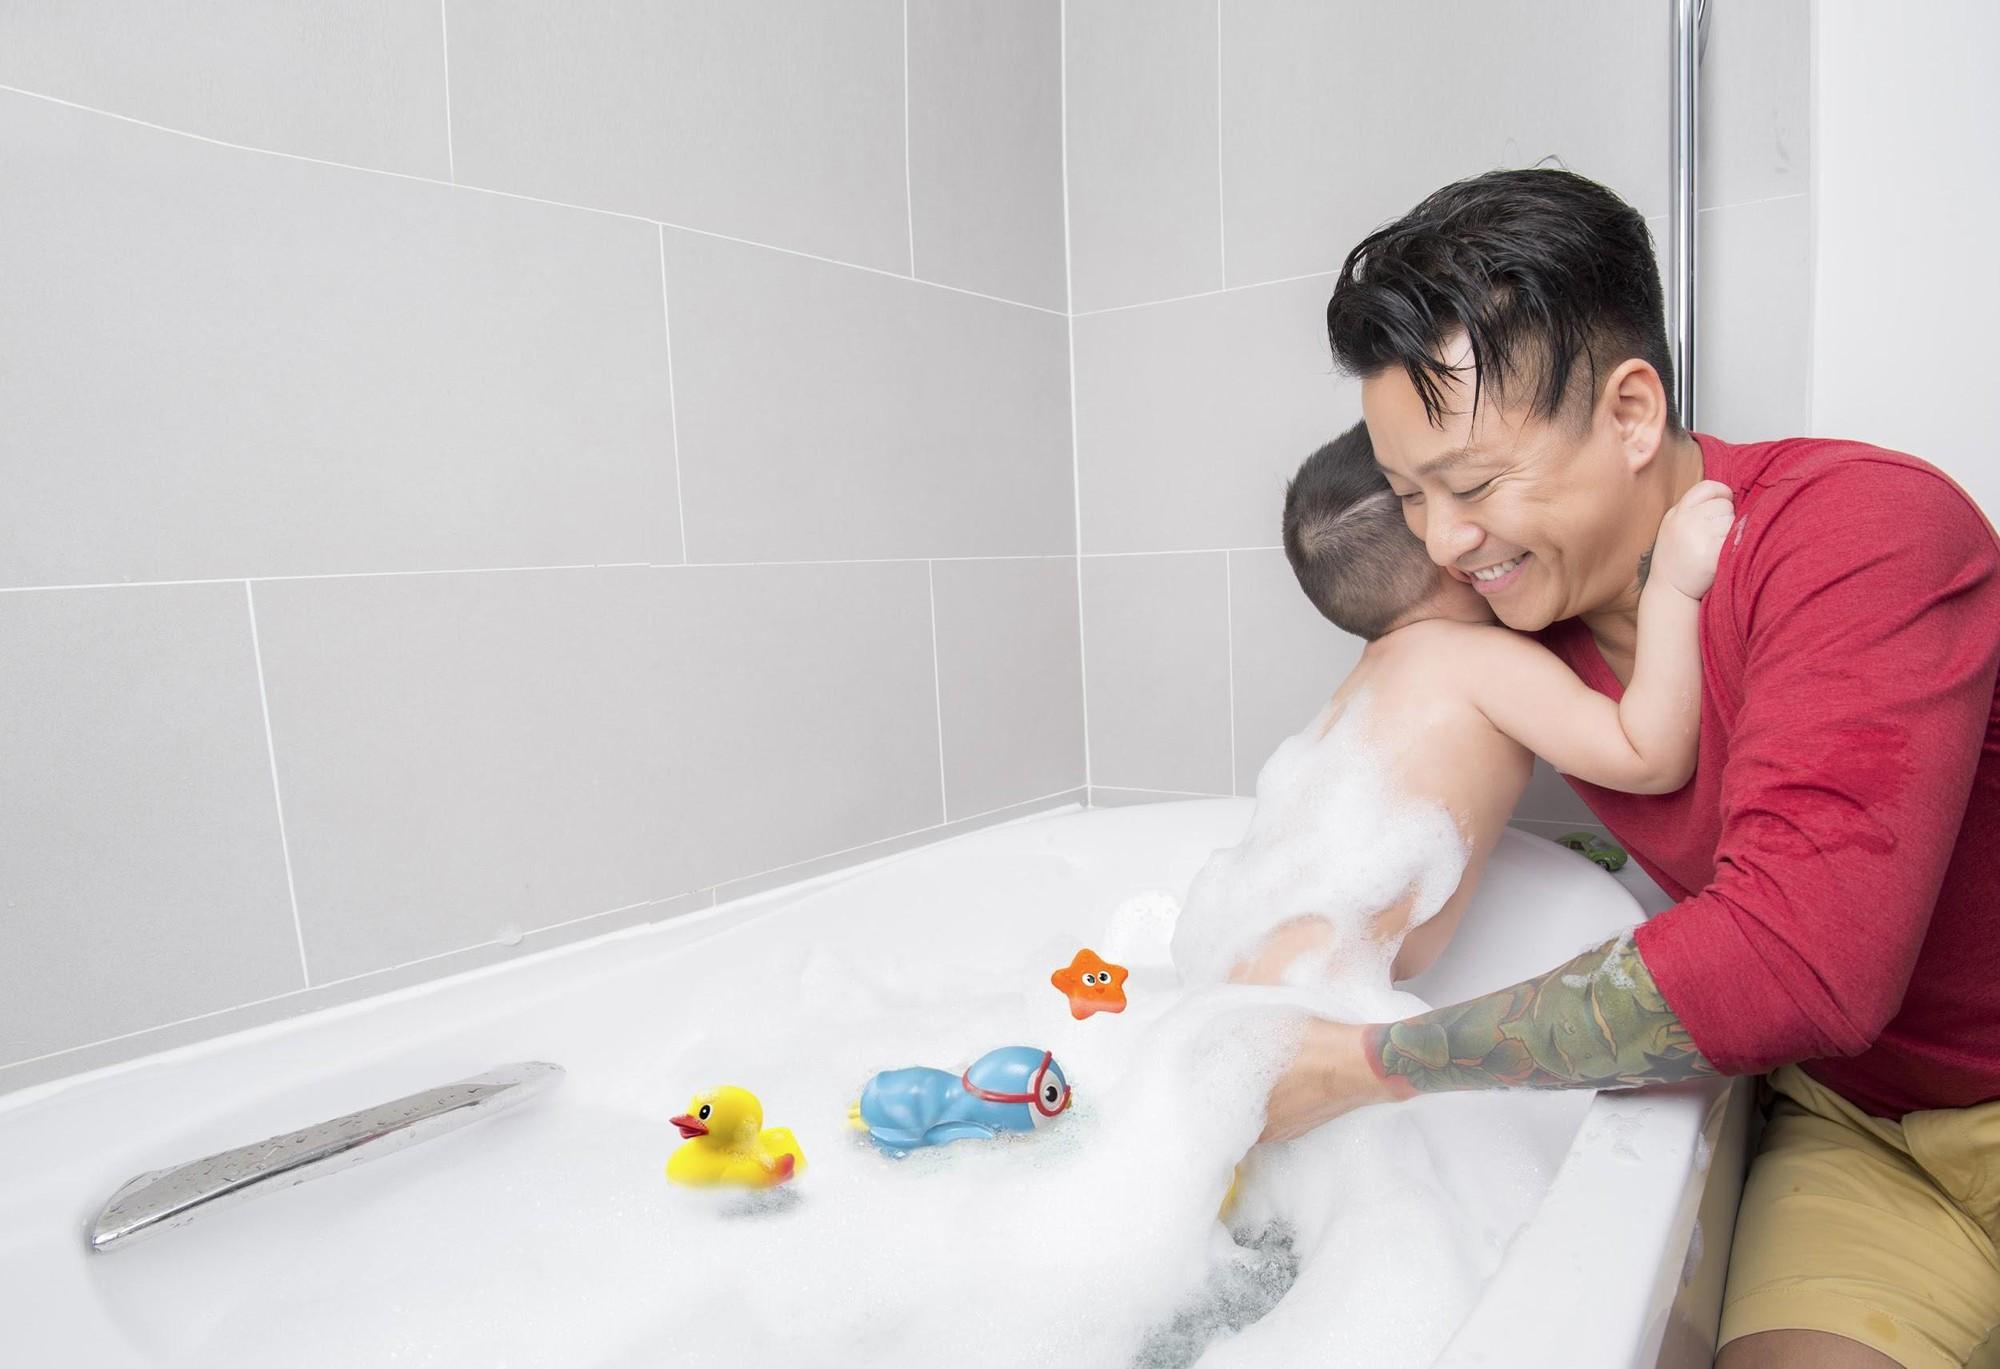 Sao nam Việt: Từng là soái ca 'sát gái' hô biến thành 'ông bố bỉm sữa' đảm đang 4